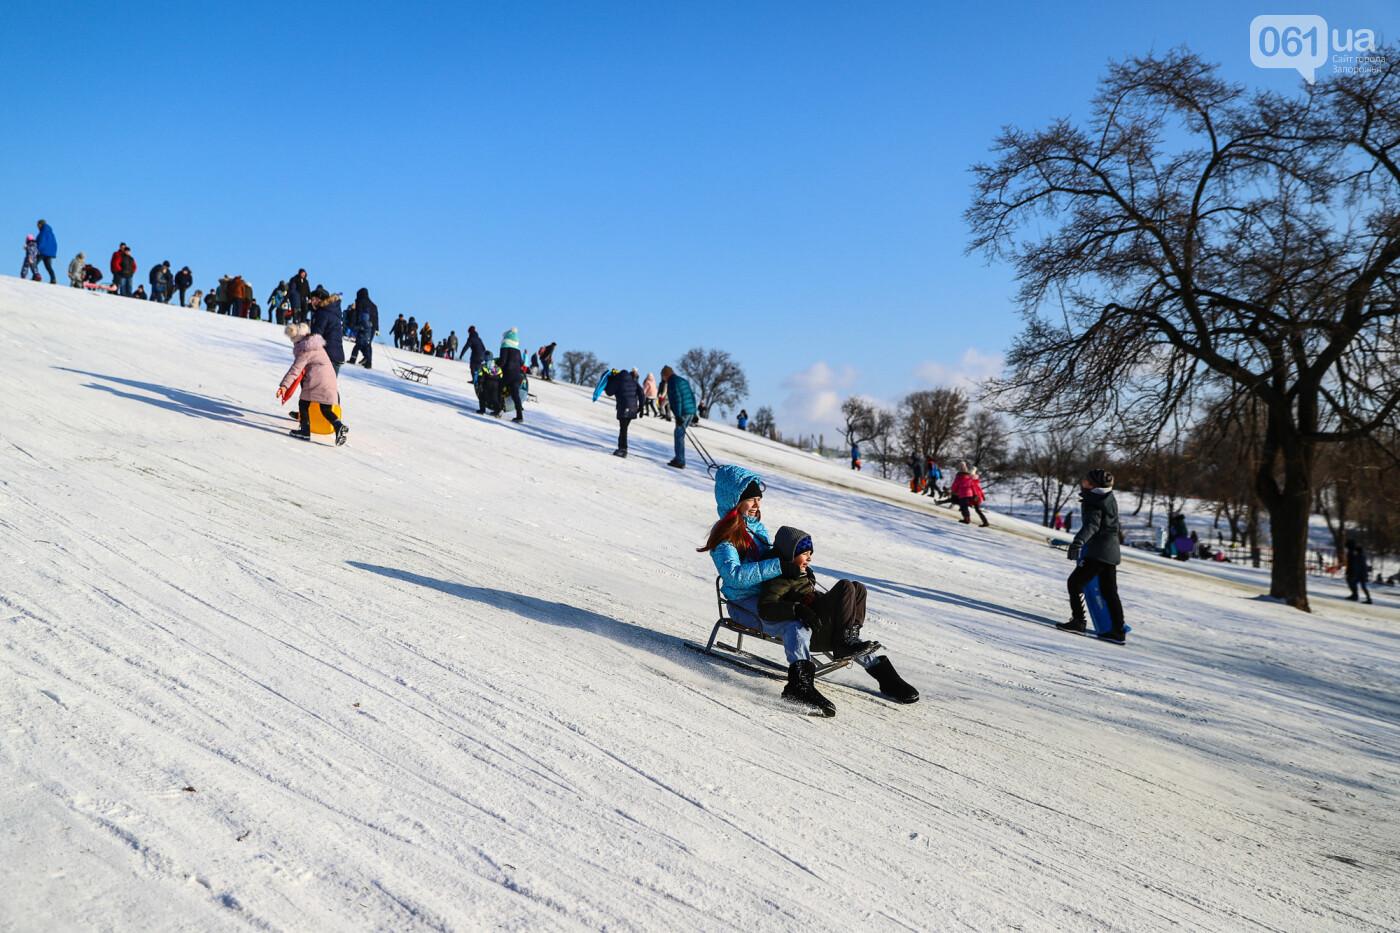 На санках, лыжах и сноуборде: запорожцы устроили массовое катание с горок в Вознесеновском парке, - ФОТОРЕПОРТАЖ, фото-88